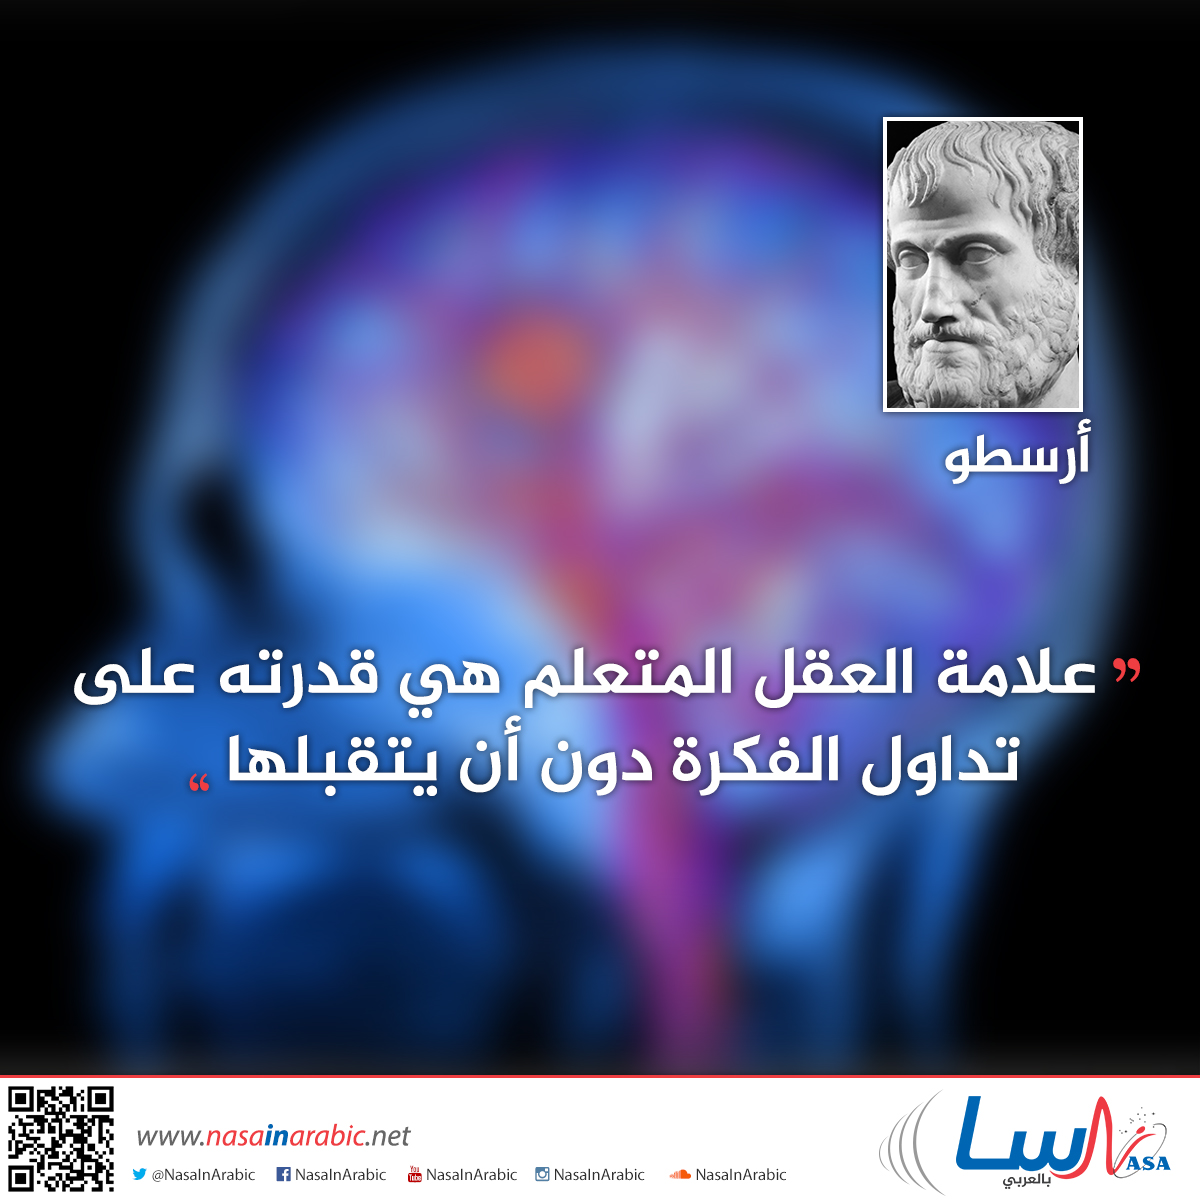 علامة العقل المتعلم